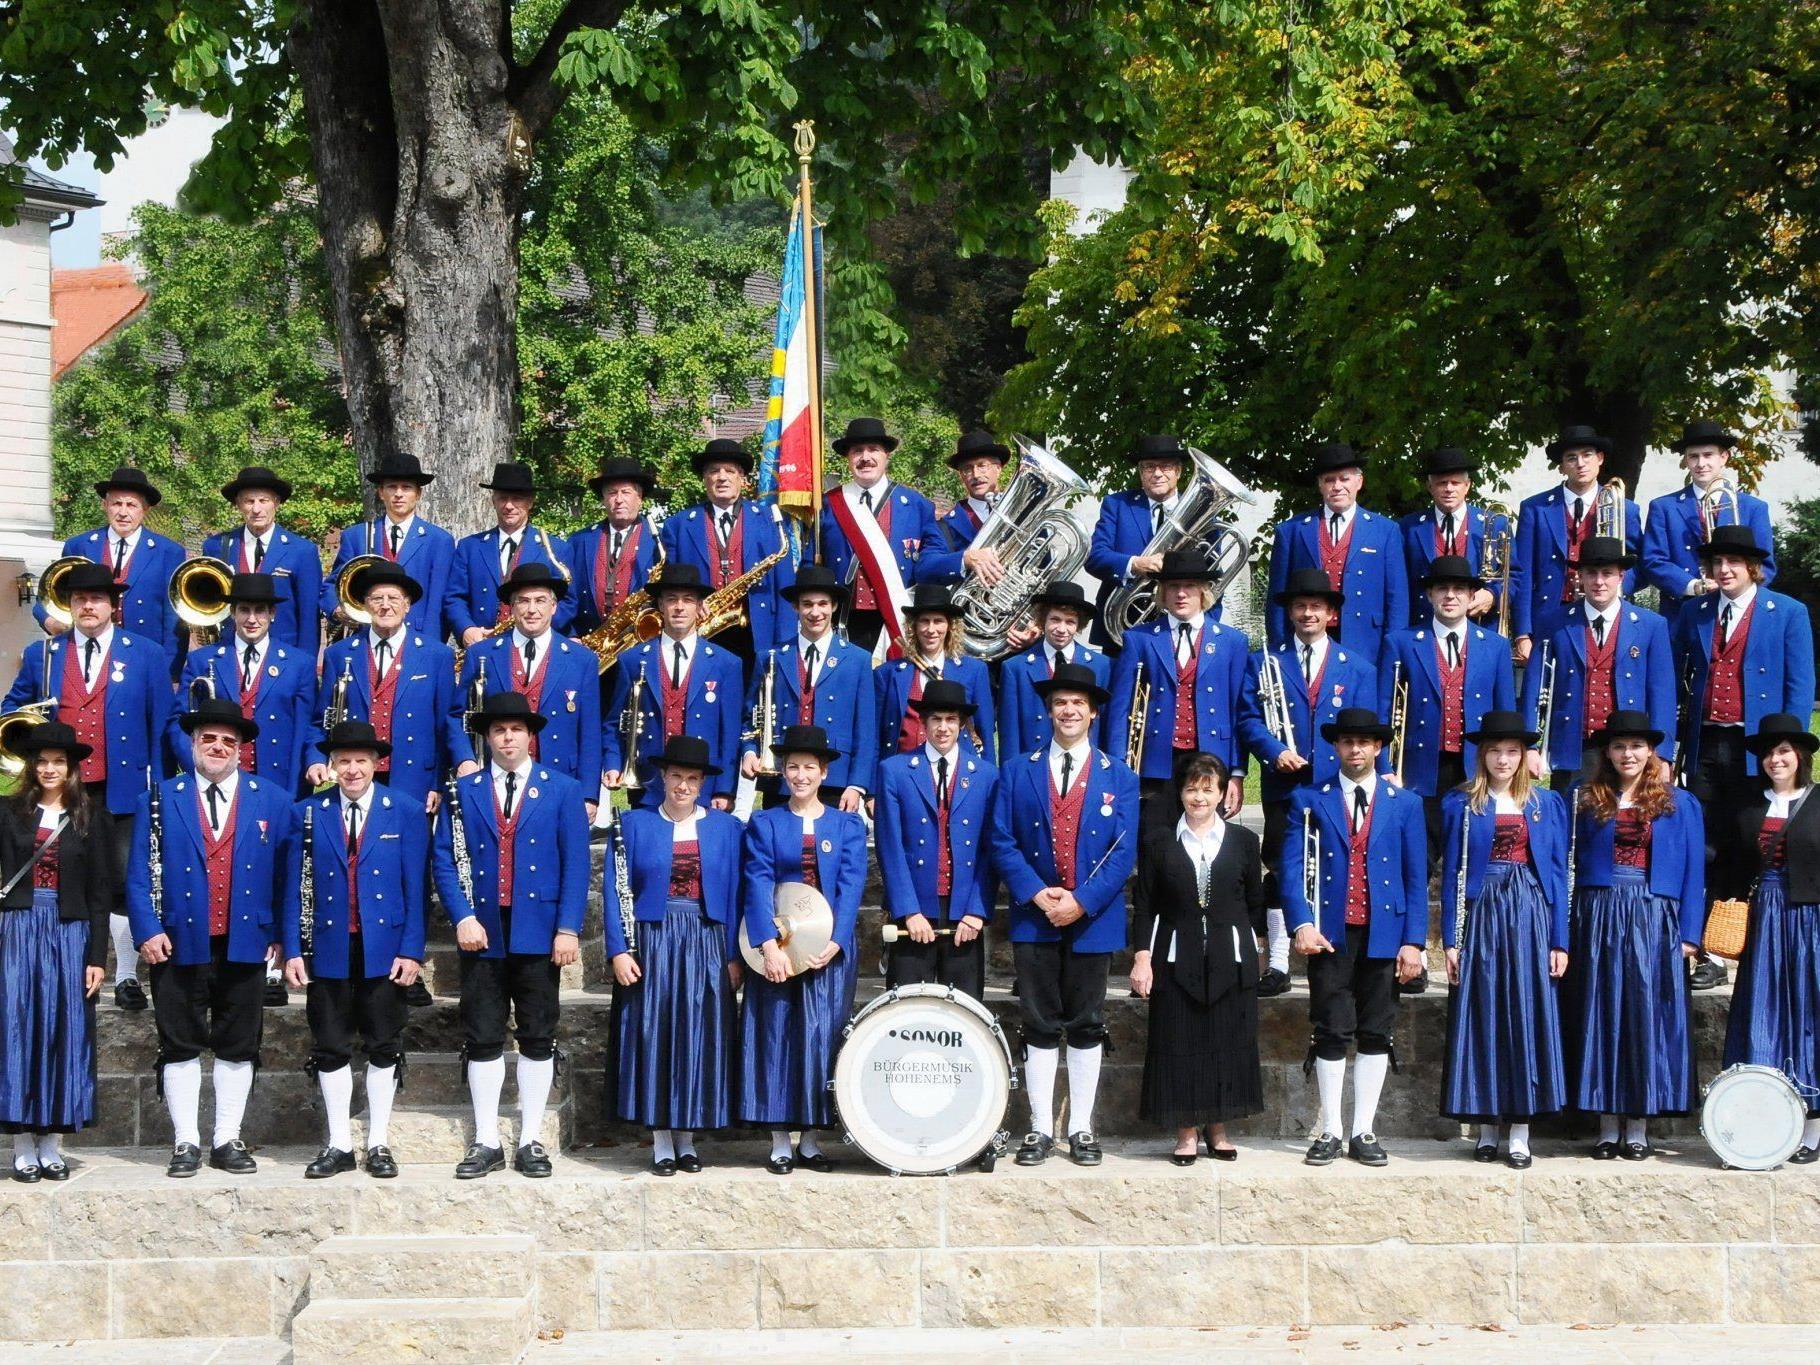 Die Bürgermusik lädt am Wochenende zum Konzert in den Löwensaal.